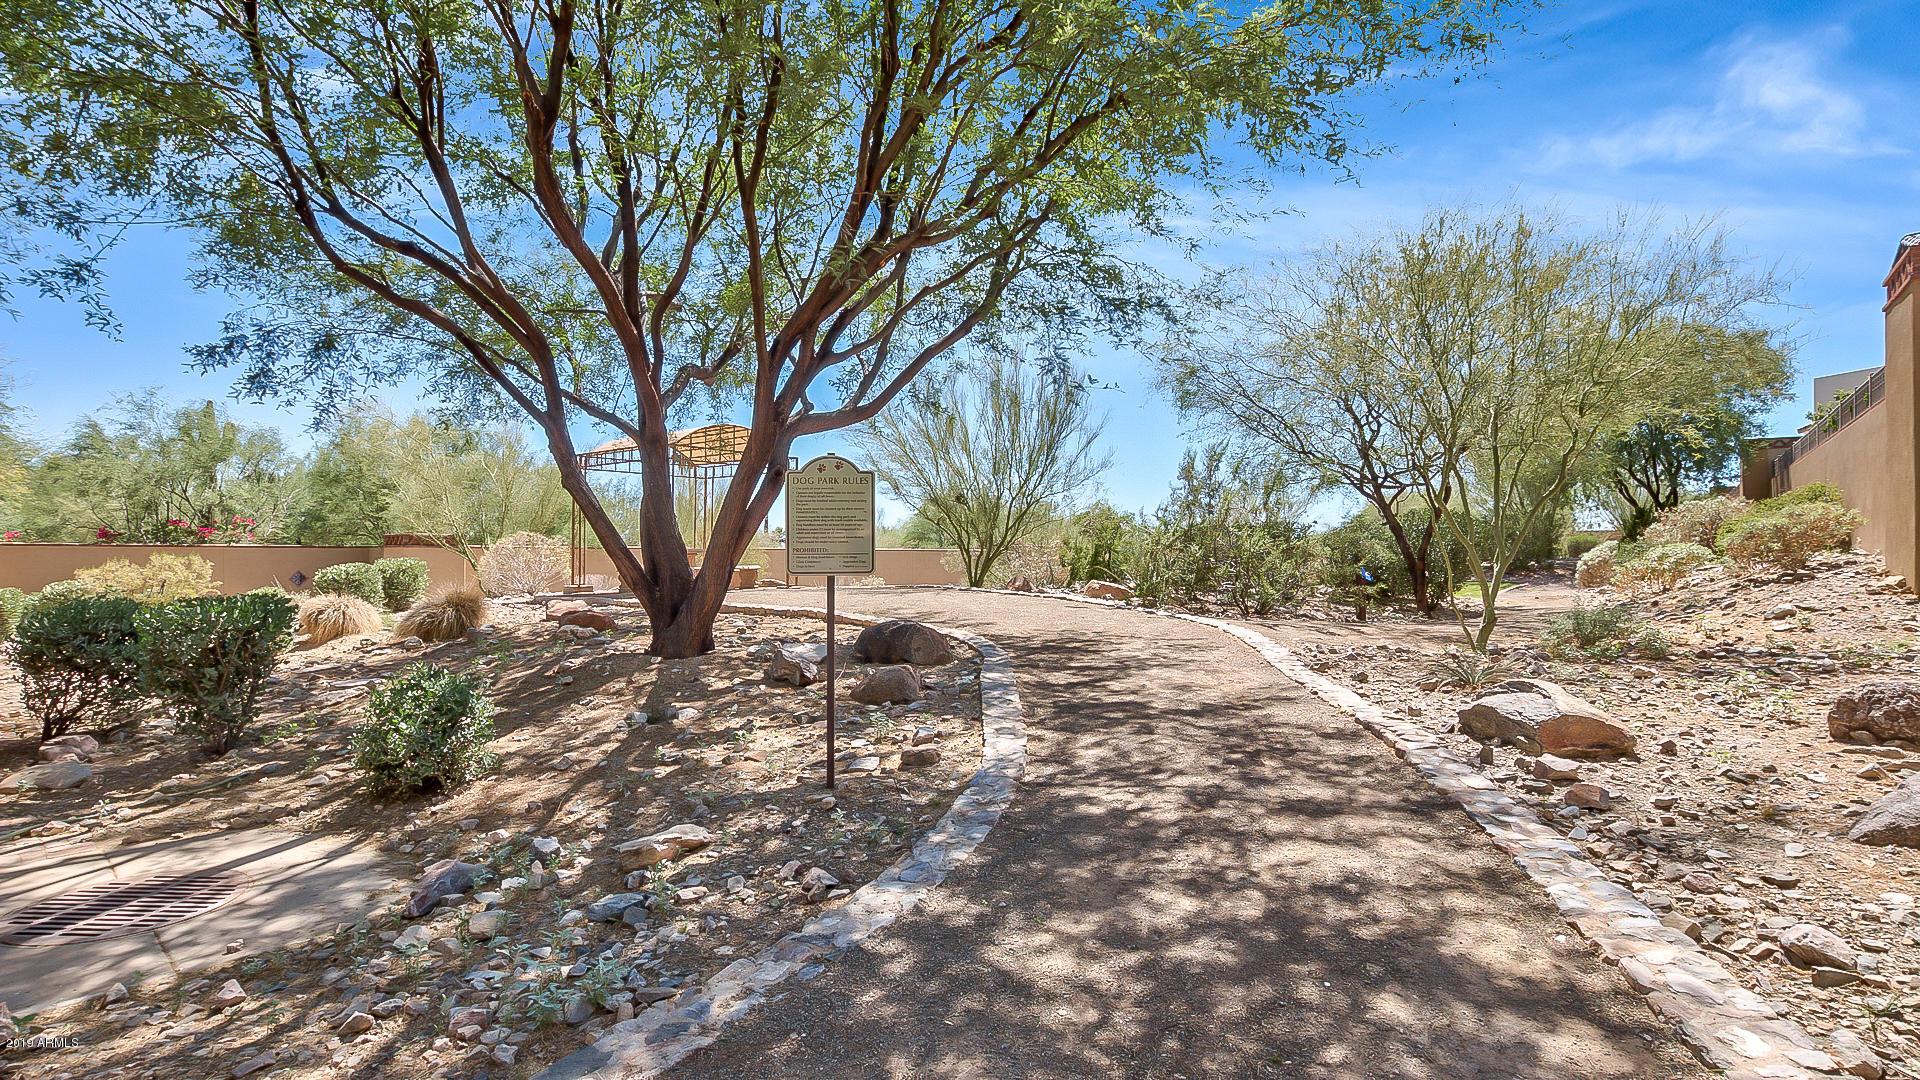 MLS 5952845 3955 E SIERRA VISTA Drive, Paradise Valley, AZ 85253 Paradise Valley AZ Gated